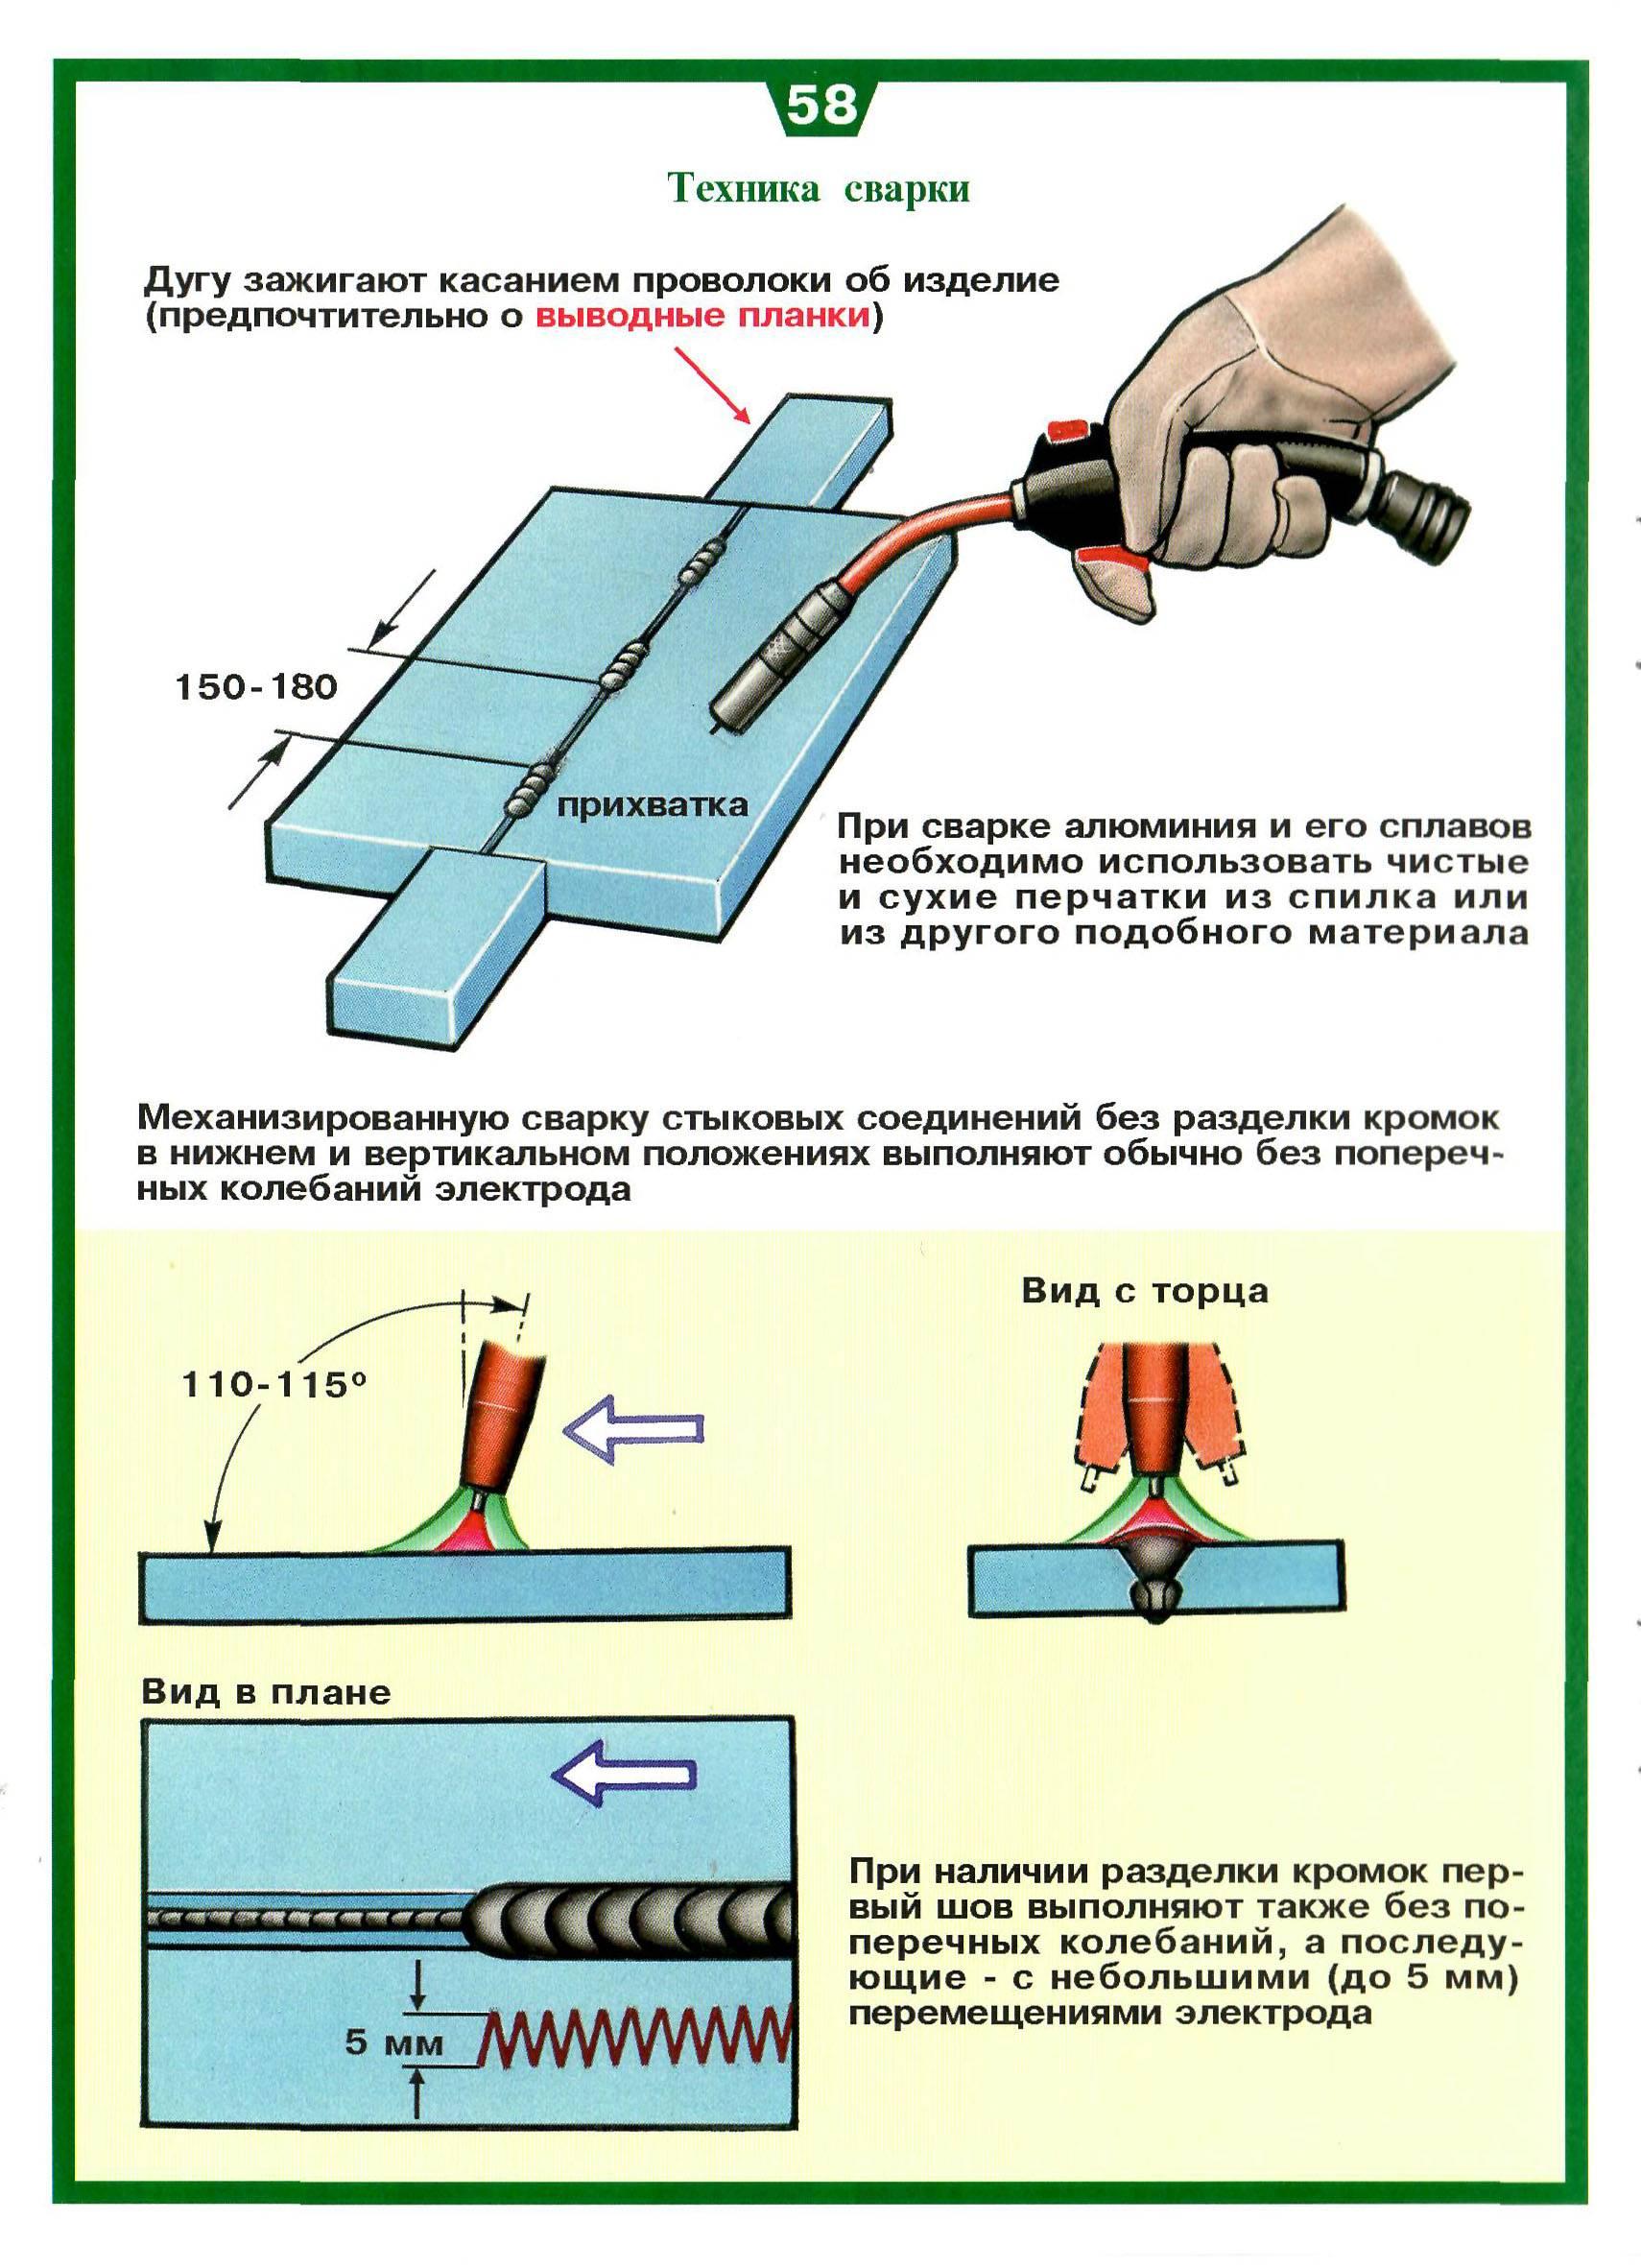 Как научиться варить инвертором с нуля